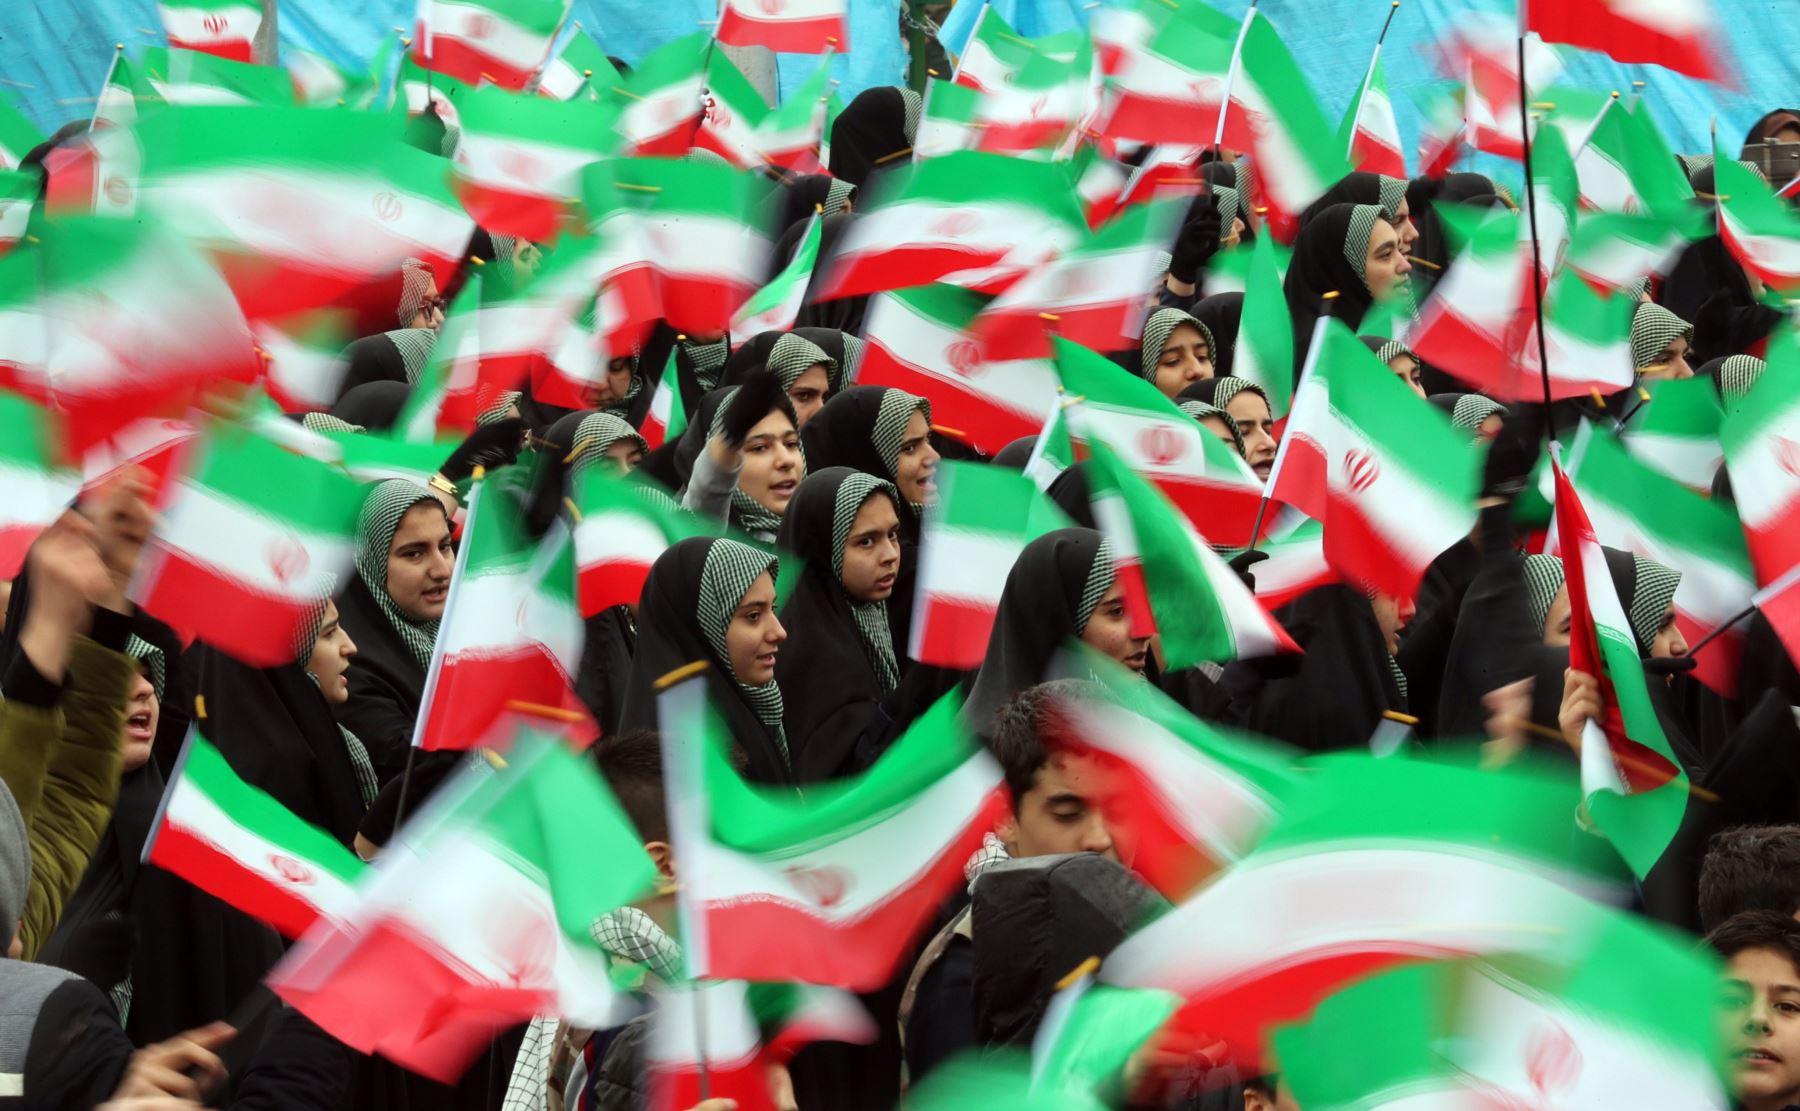 Varias estudiantes ondean banderas iraníes durante una ceremonia por el 40º aniversario de la Revolución Islámica de 1979 este lunes en la plaza Azadi (Libertad) de Teherán (Irán). EFE/ Abedin Taherkenareh